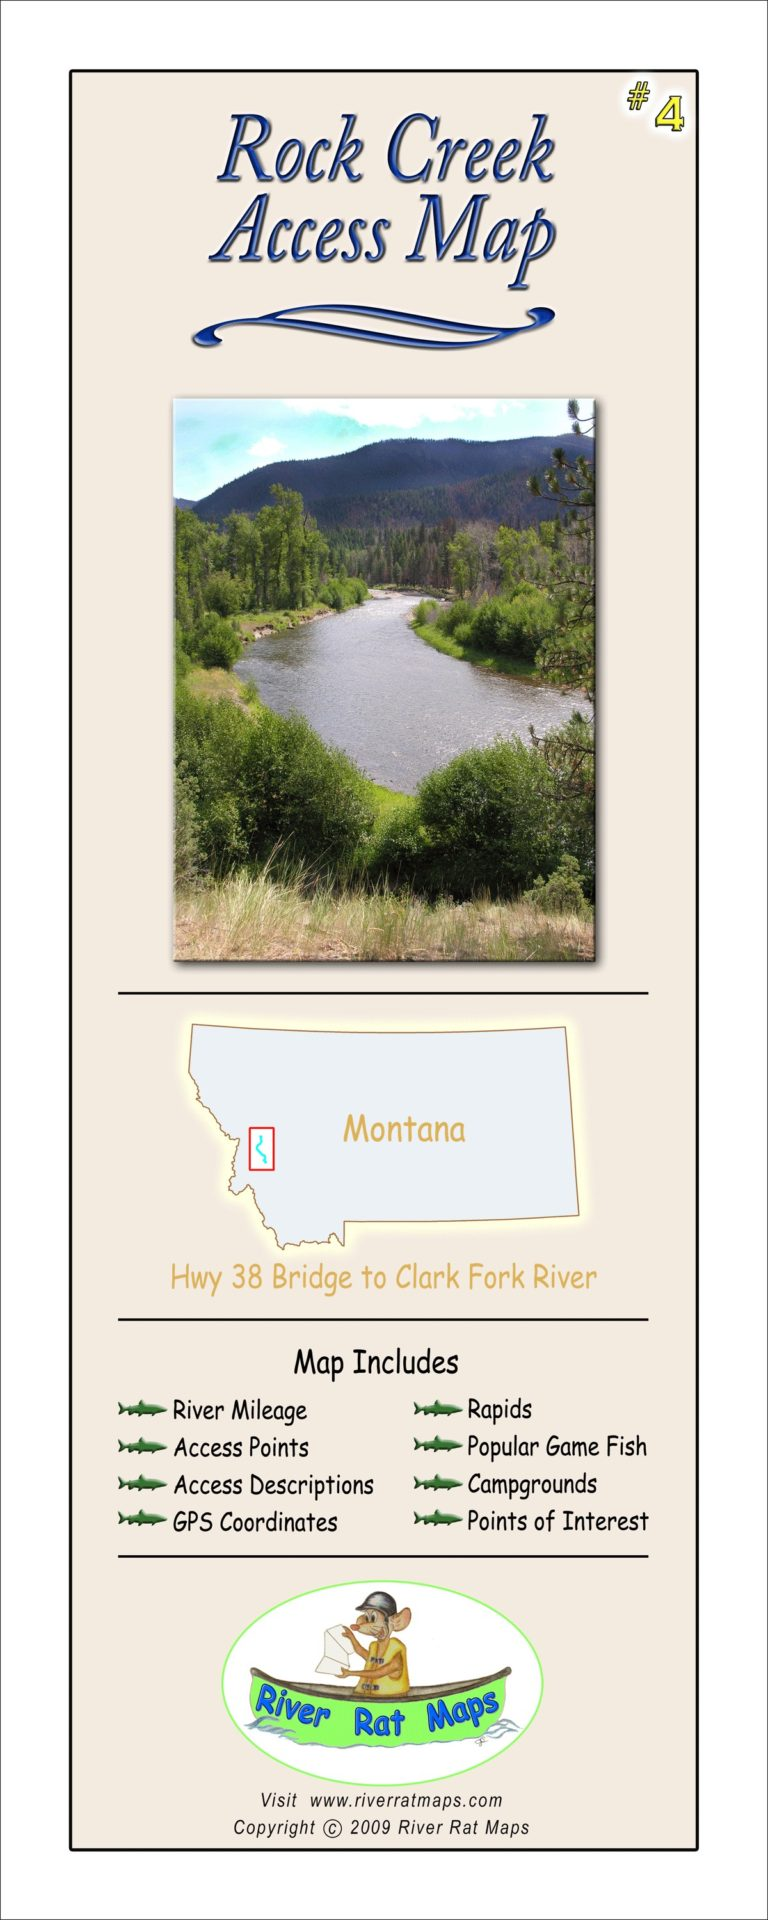 Rock Creek Map by River Rat Maps